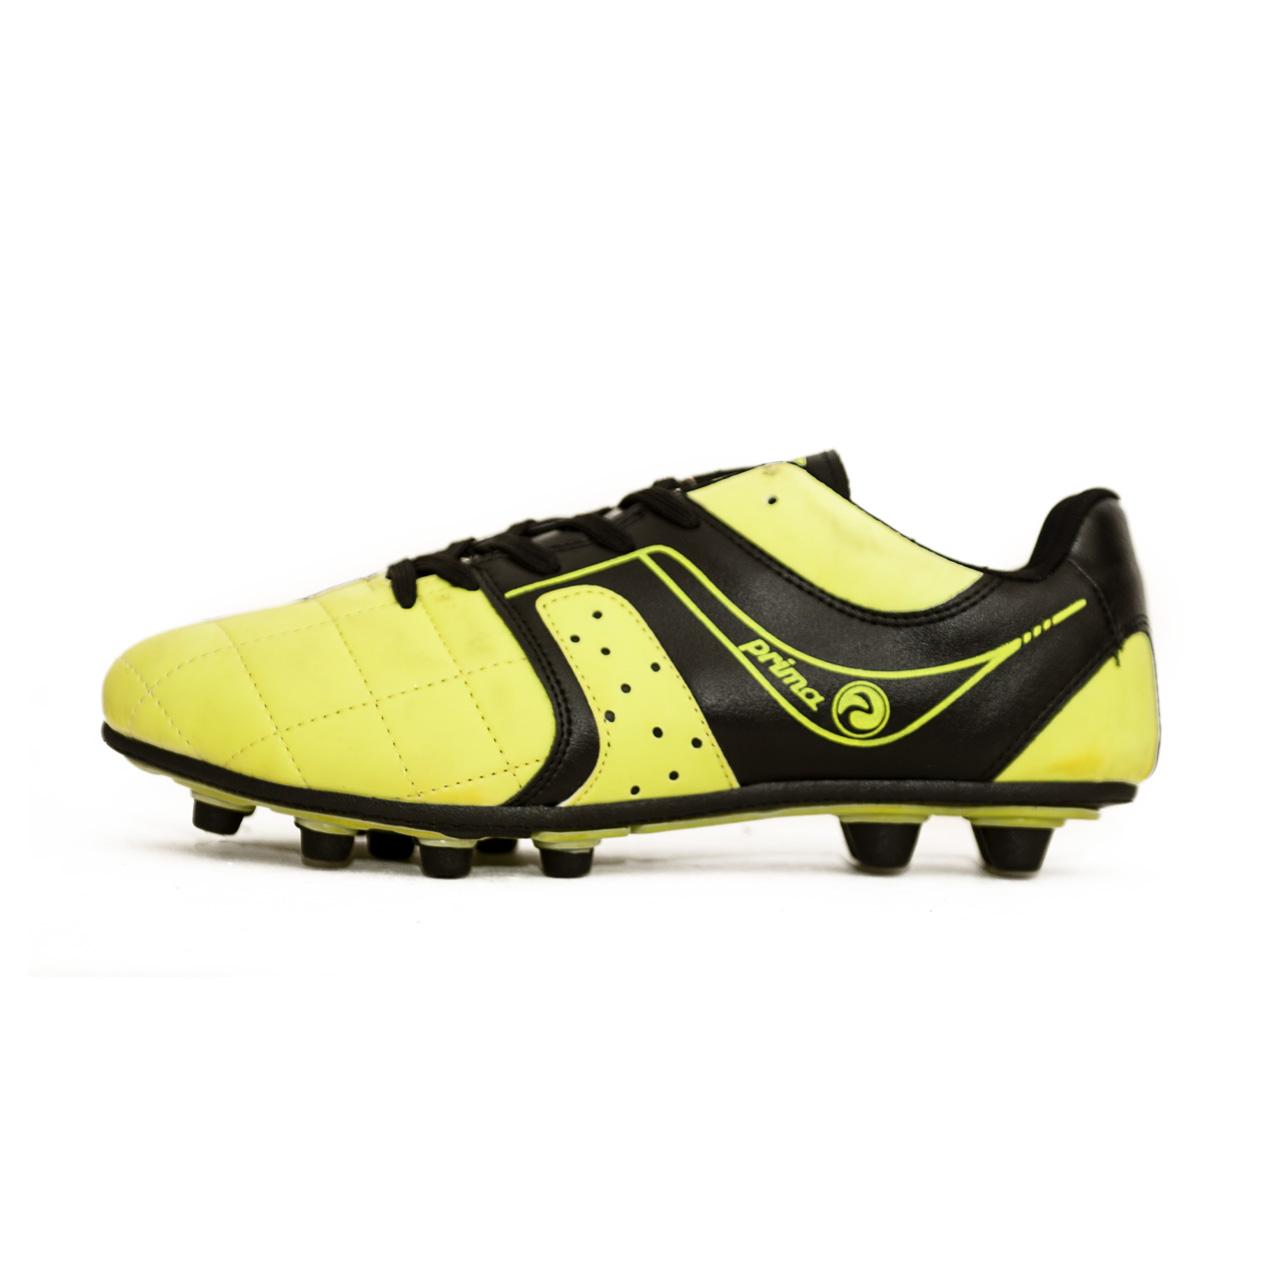 قیمت کفش فوتبال مردانه مدل evoPOWER